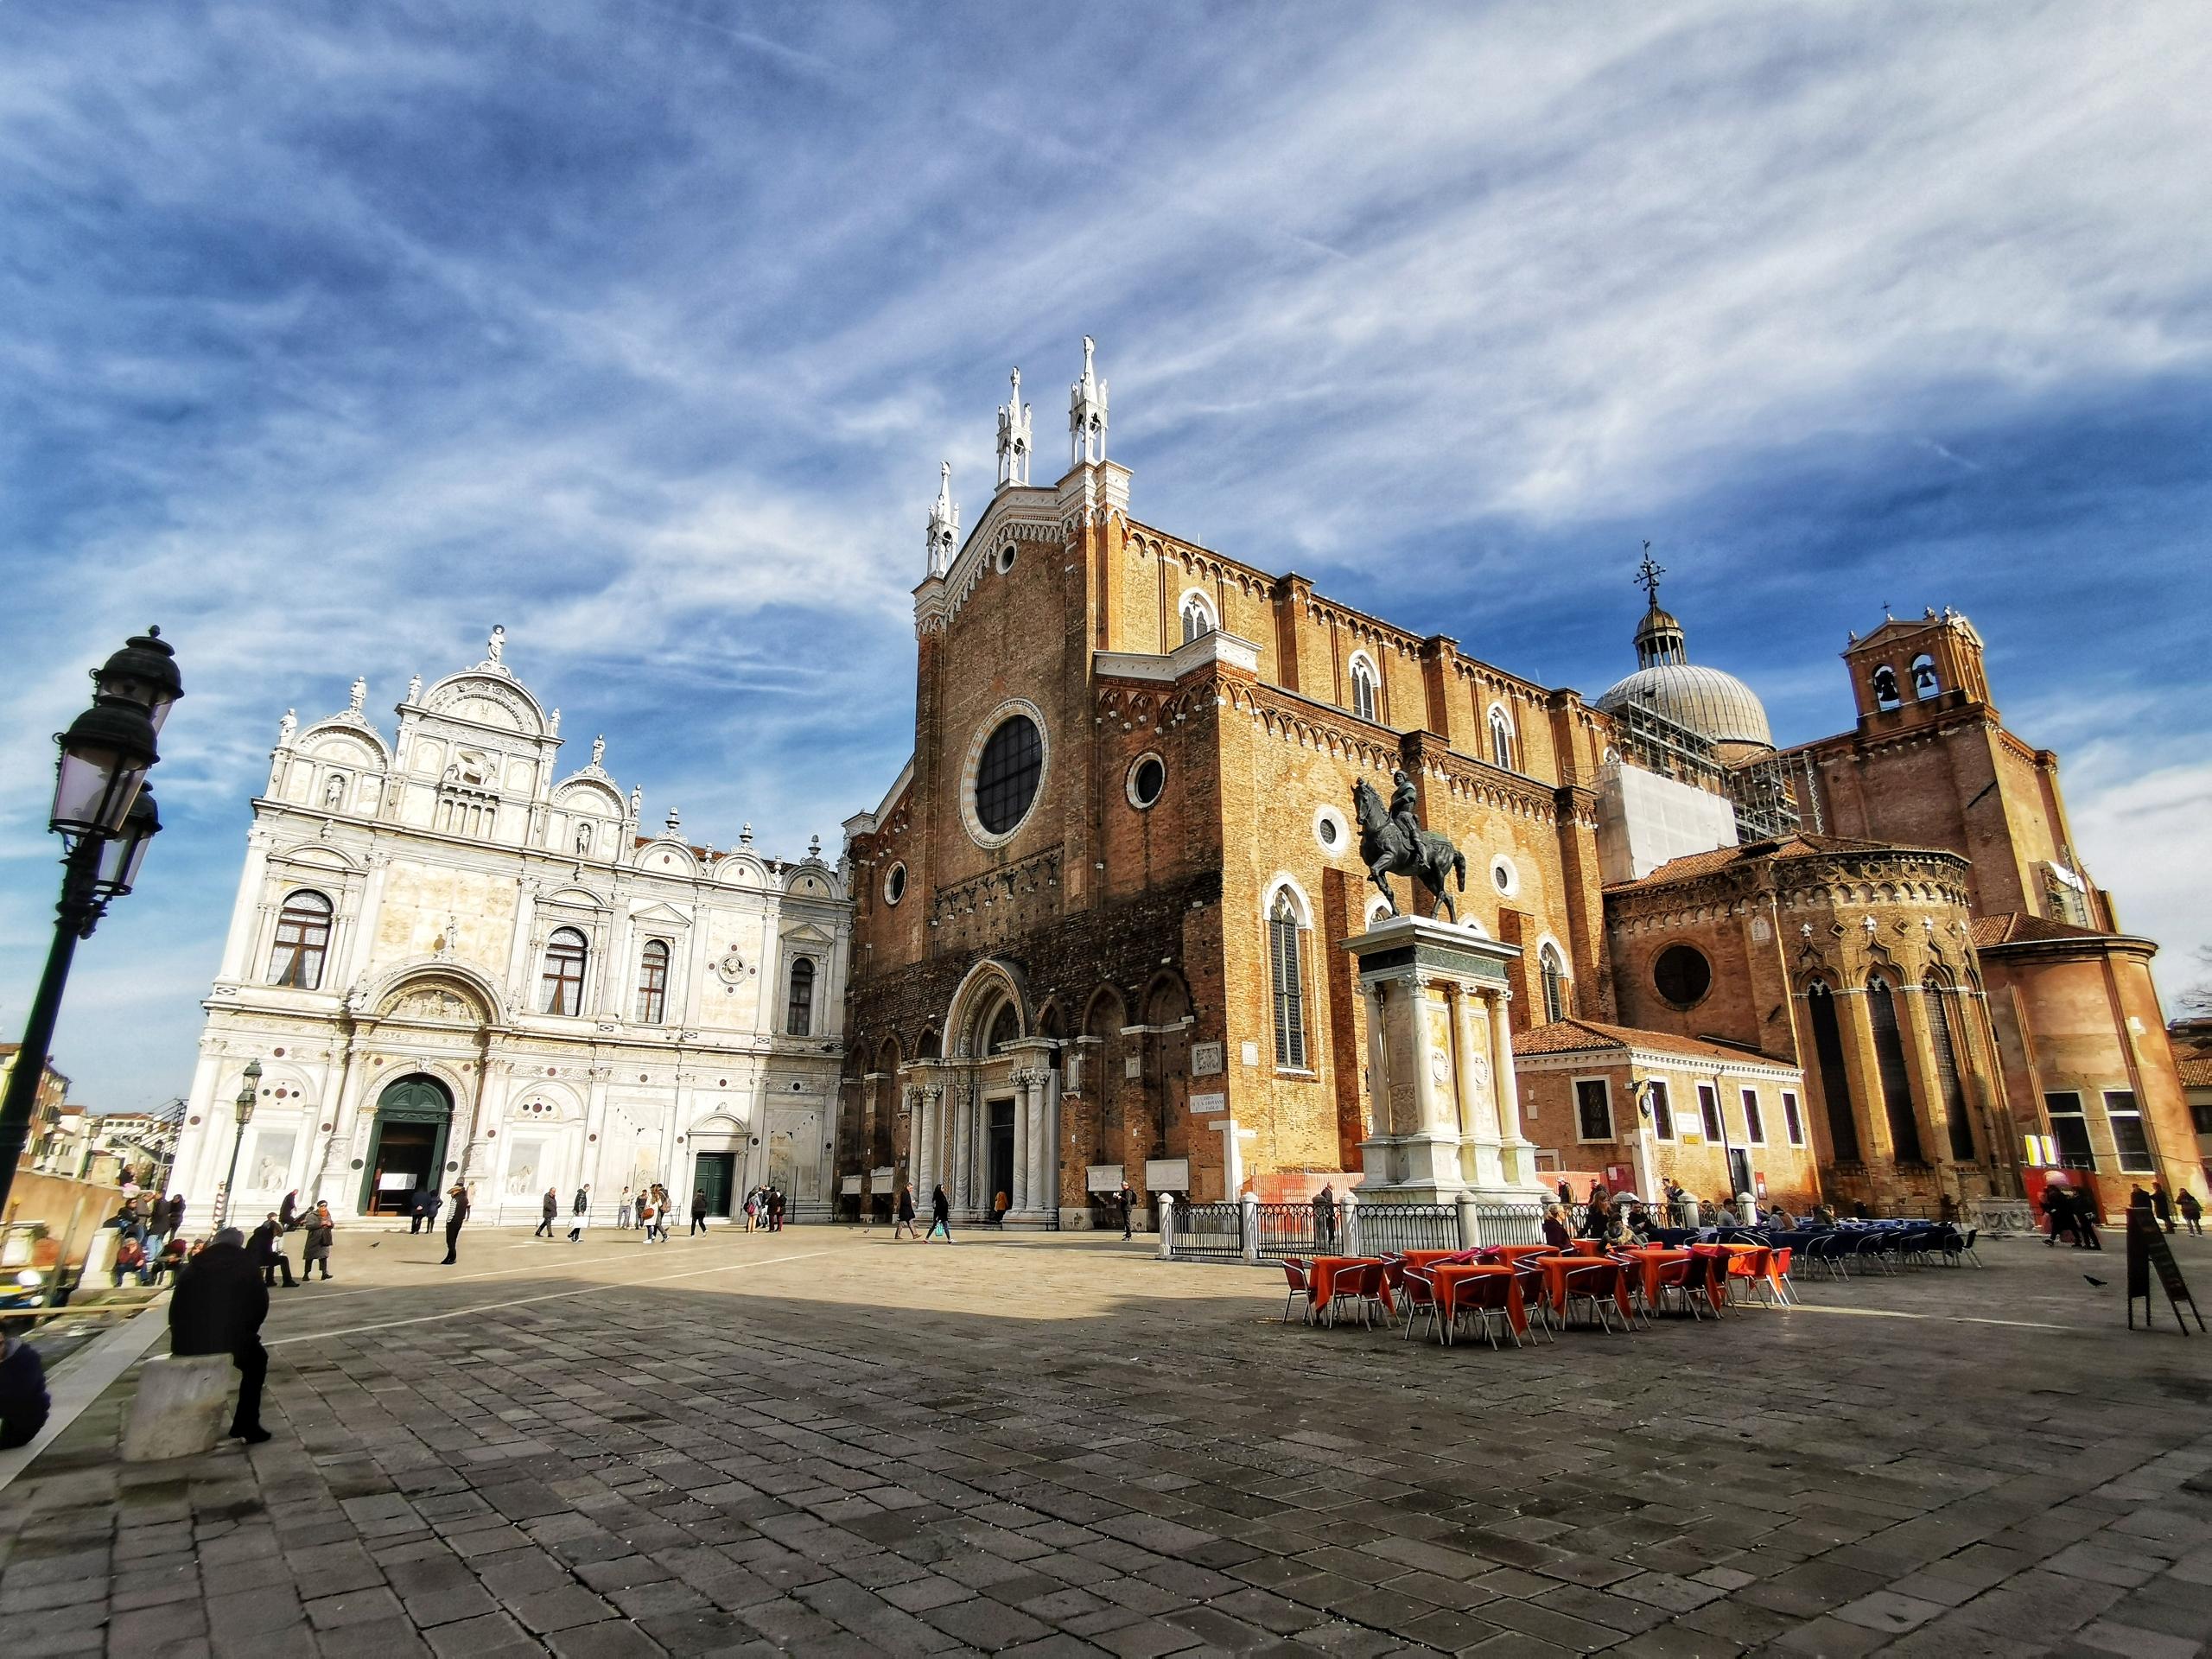 Campo San Giovanni e Paolo